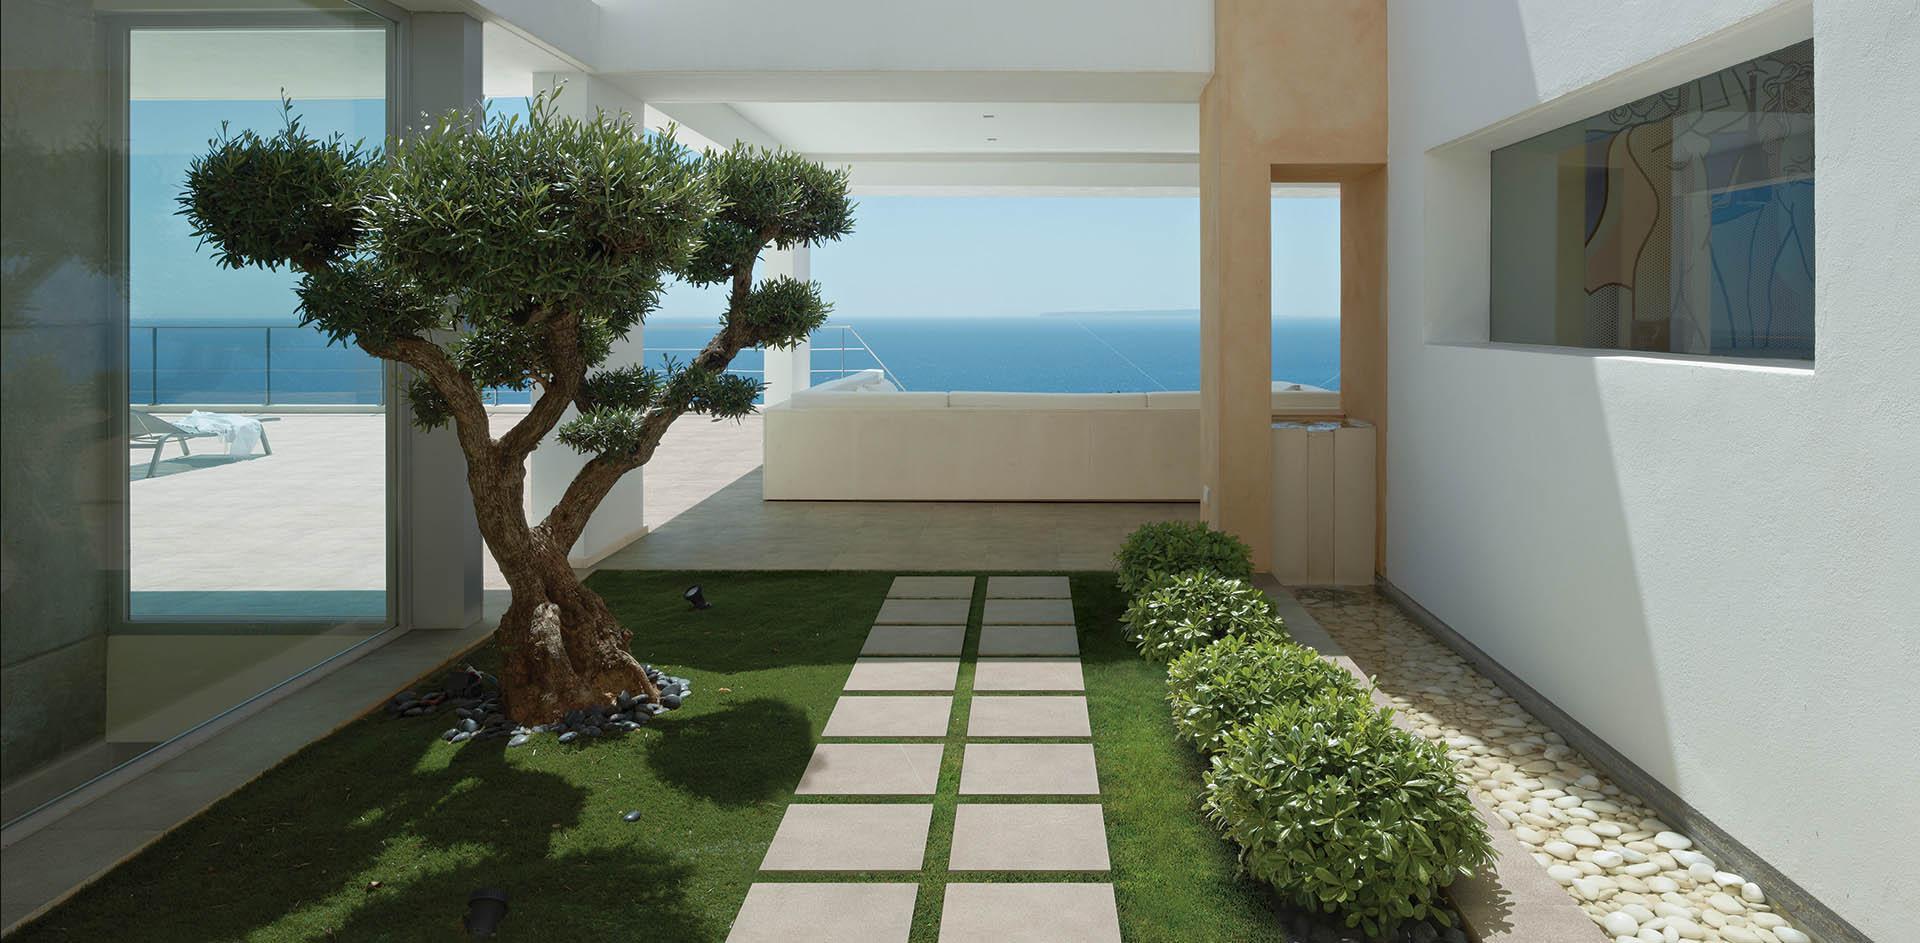 suelos para exteriores pavimentos exteriores baldosas para pavimentos sobreelevados fmg fabbrica marmi e graniti